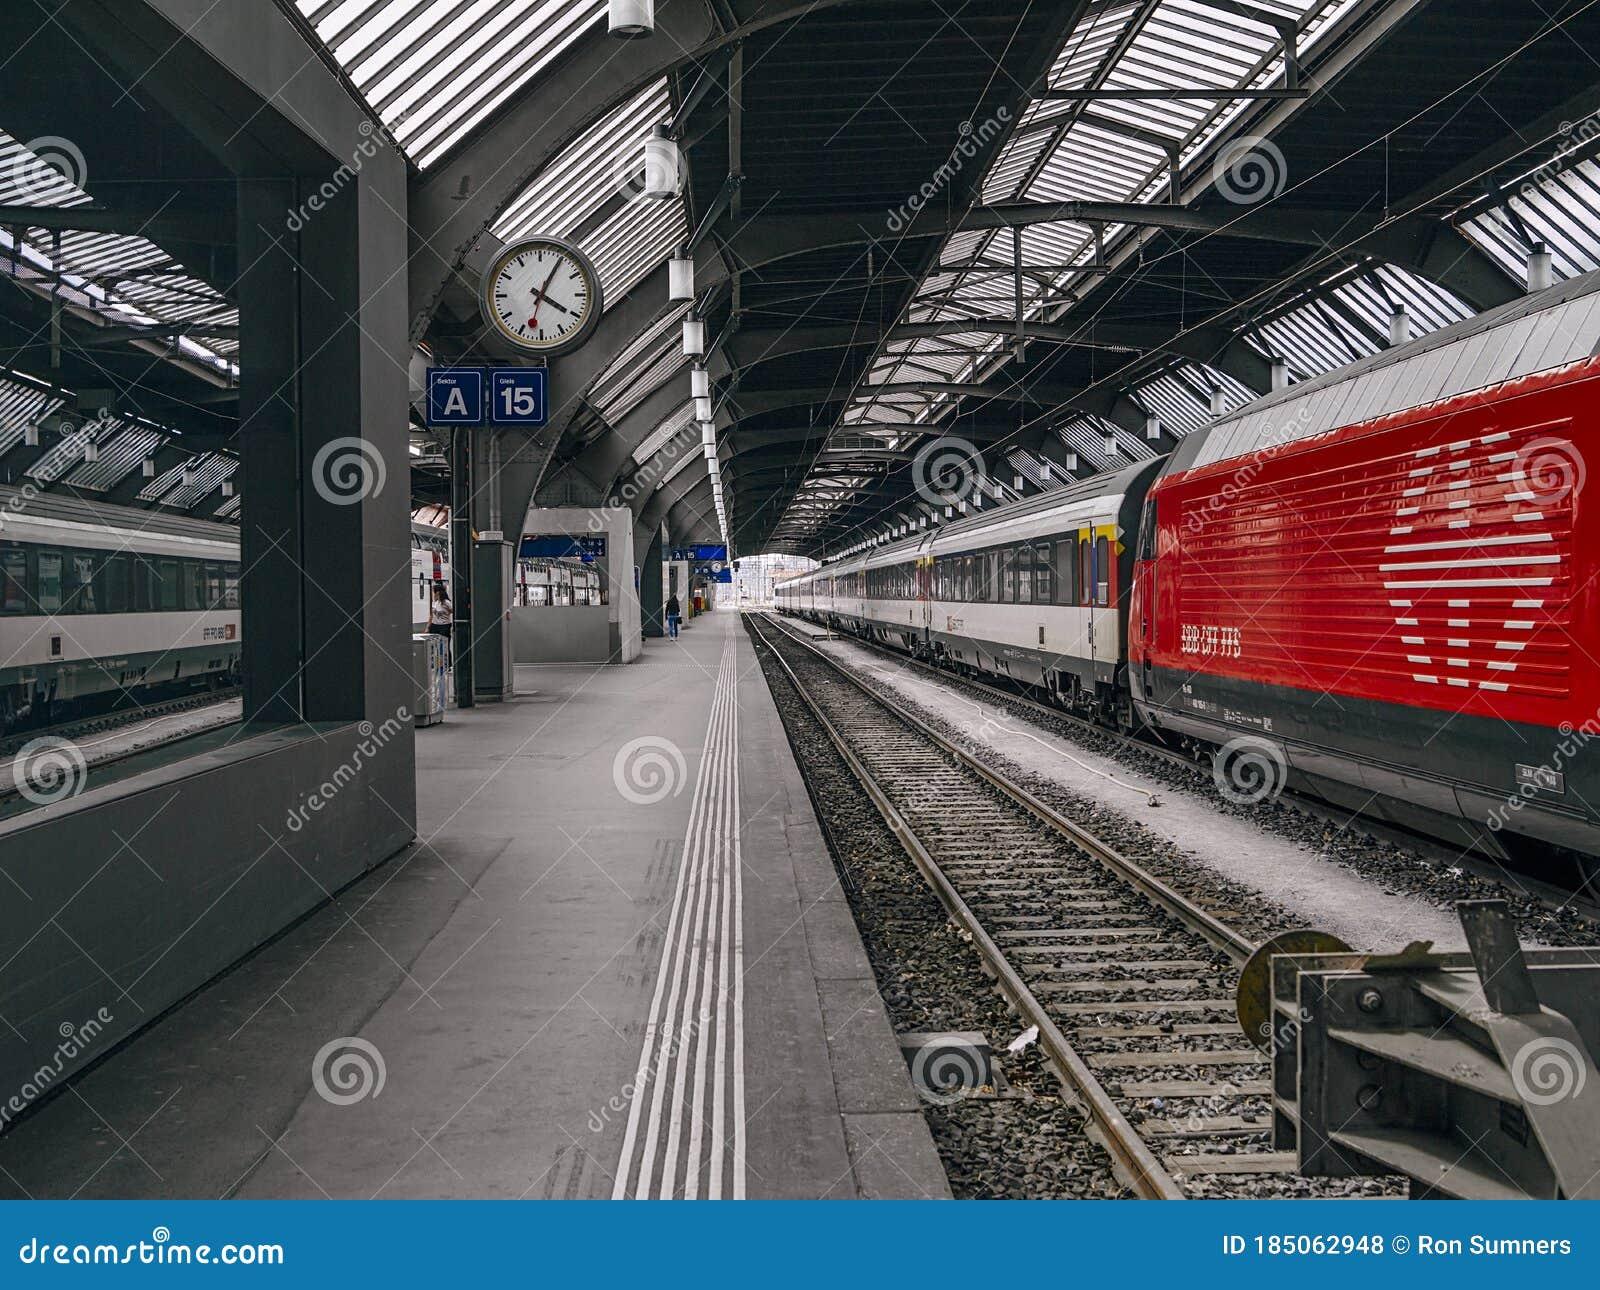 WORLDS BUSIEST RAILWAY STATION!   Trains at Zurich HB